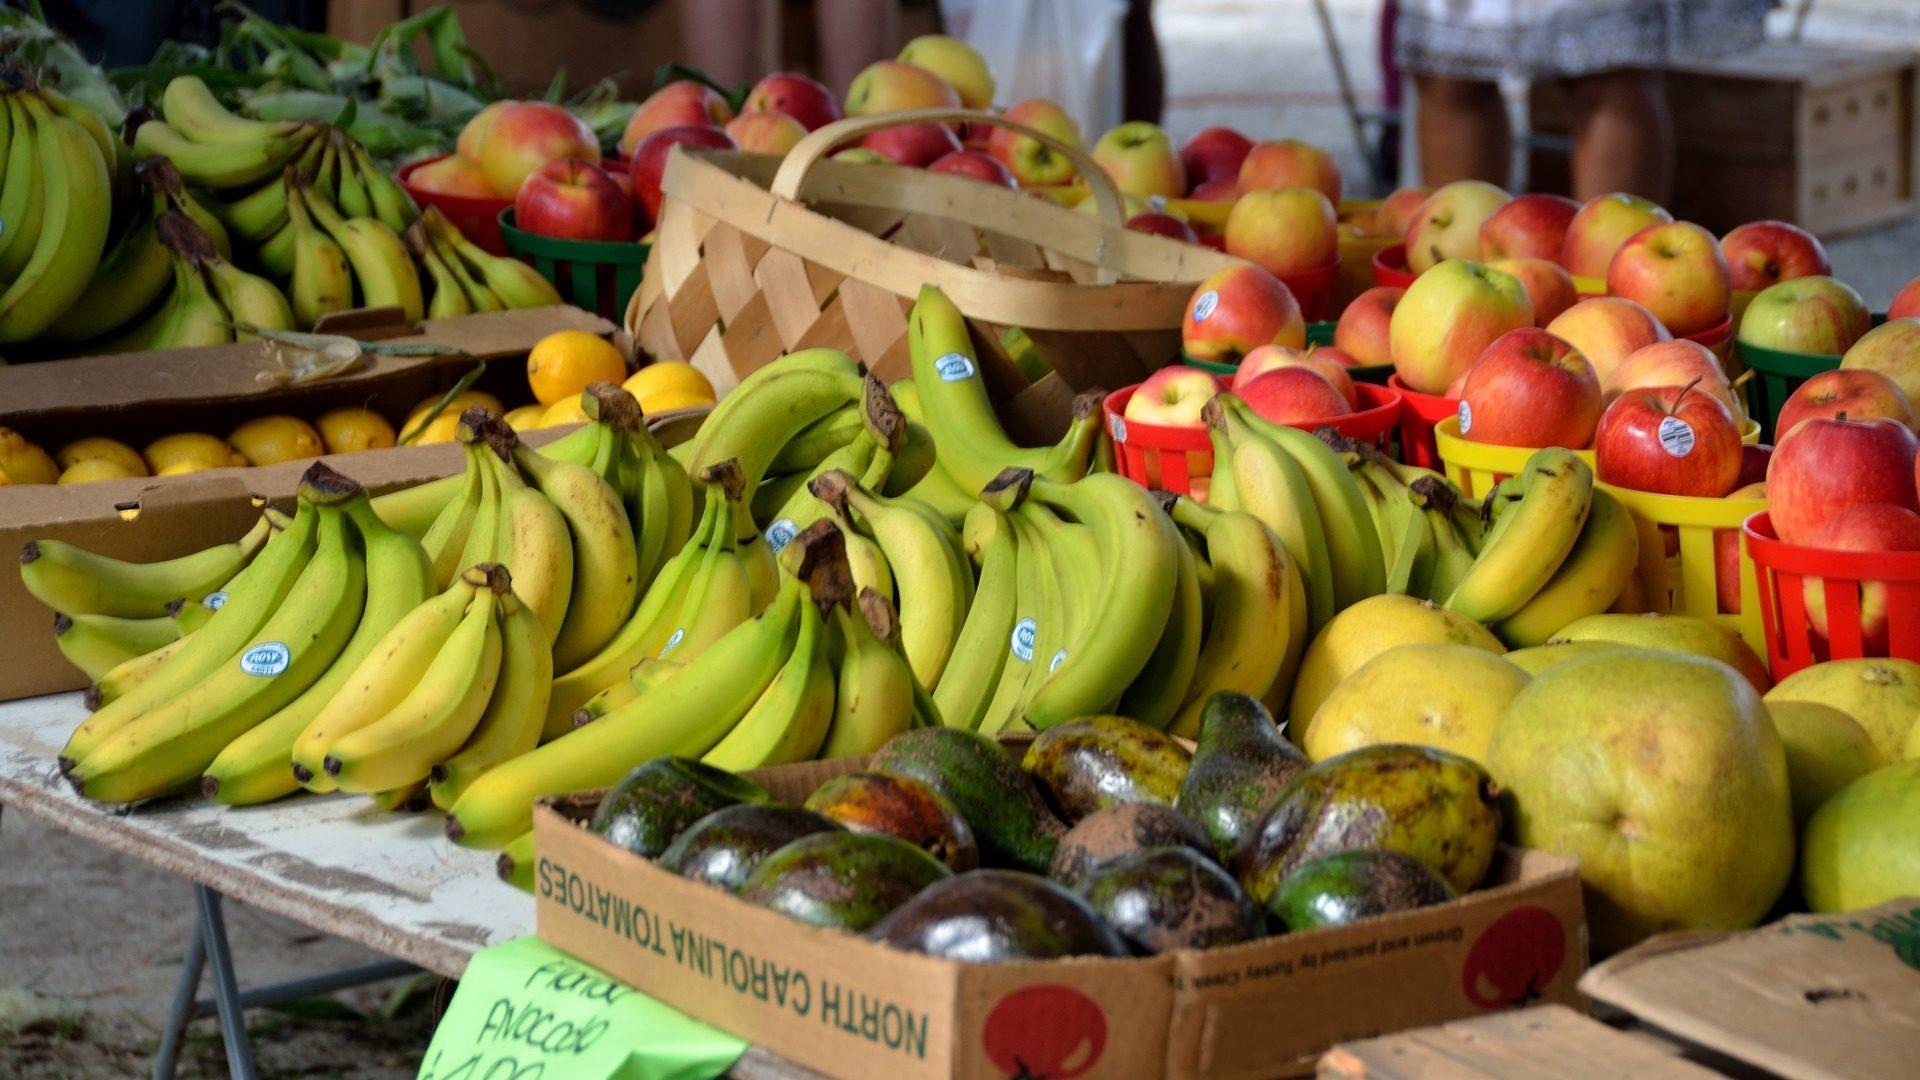 Superávit agroalimentario de México supera los 11,400 millones de dólares